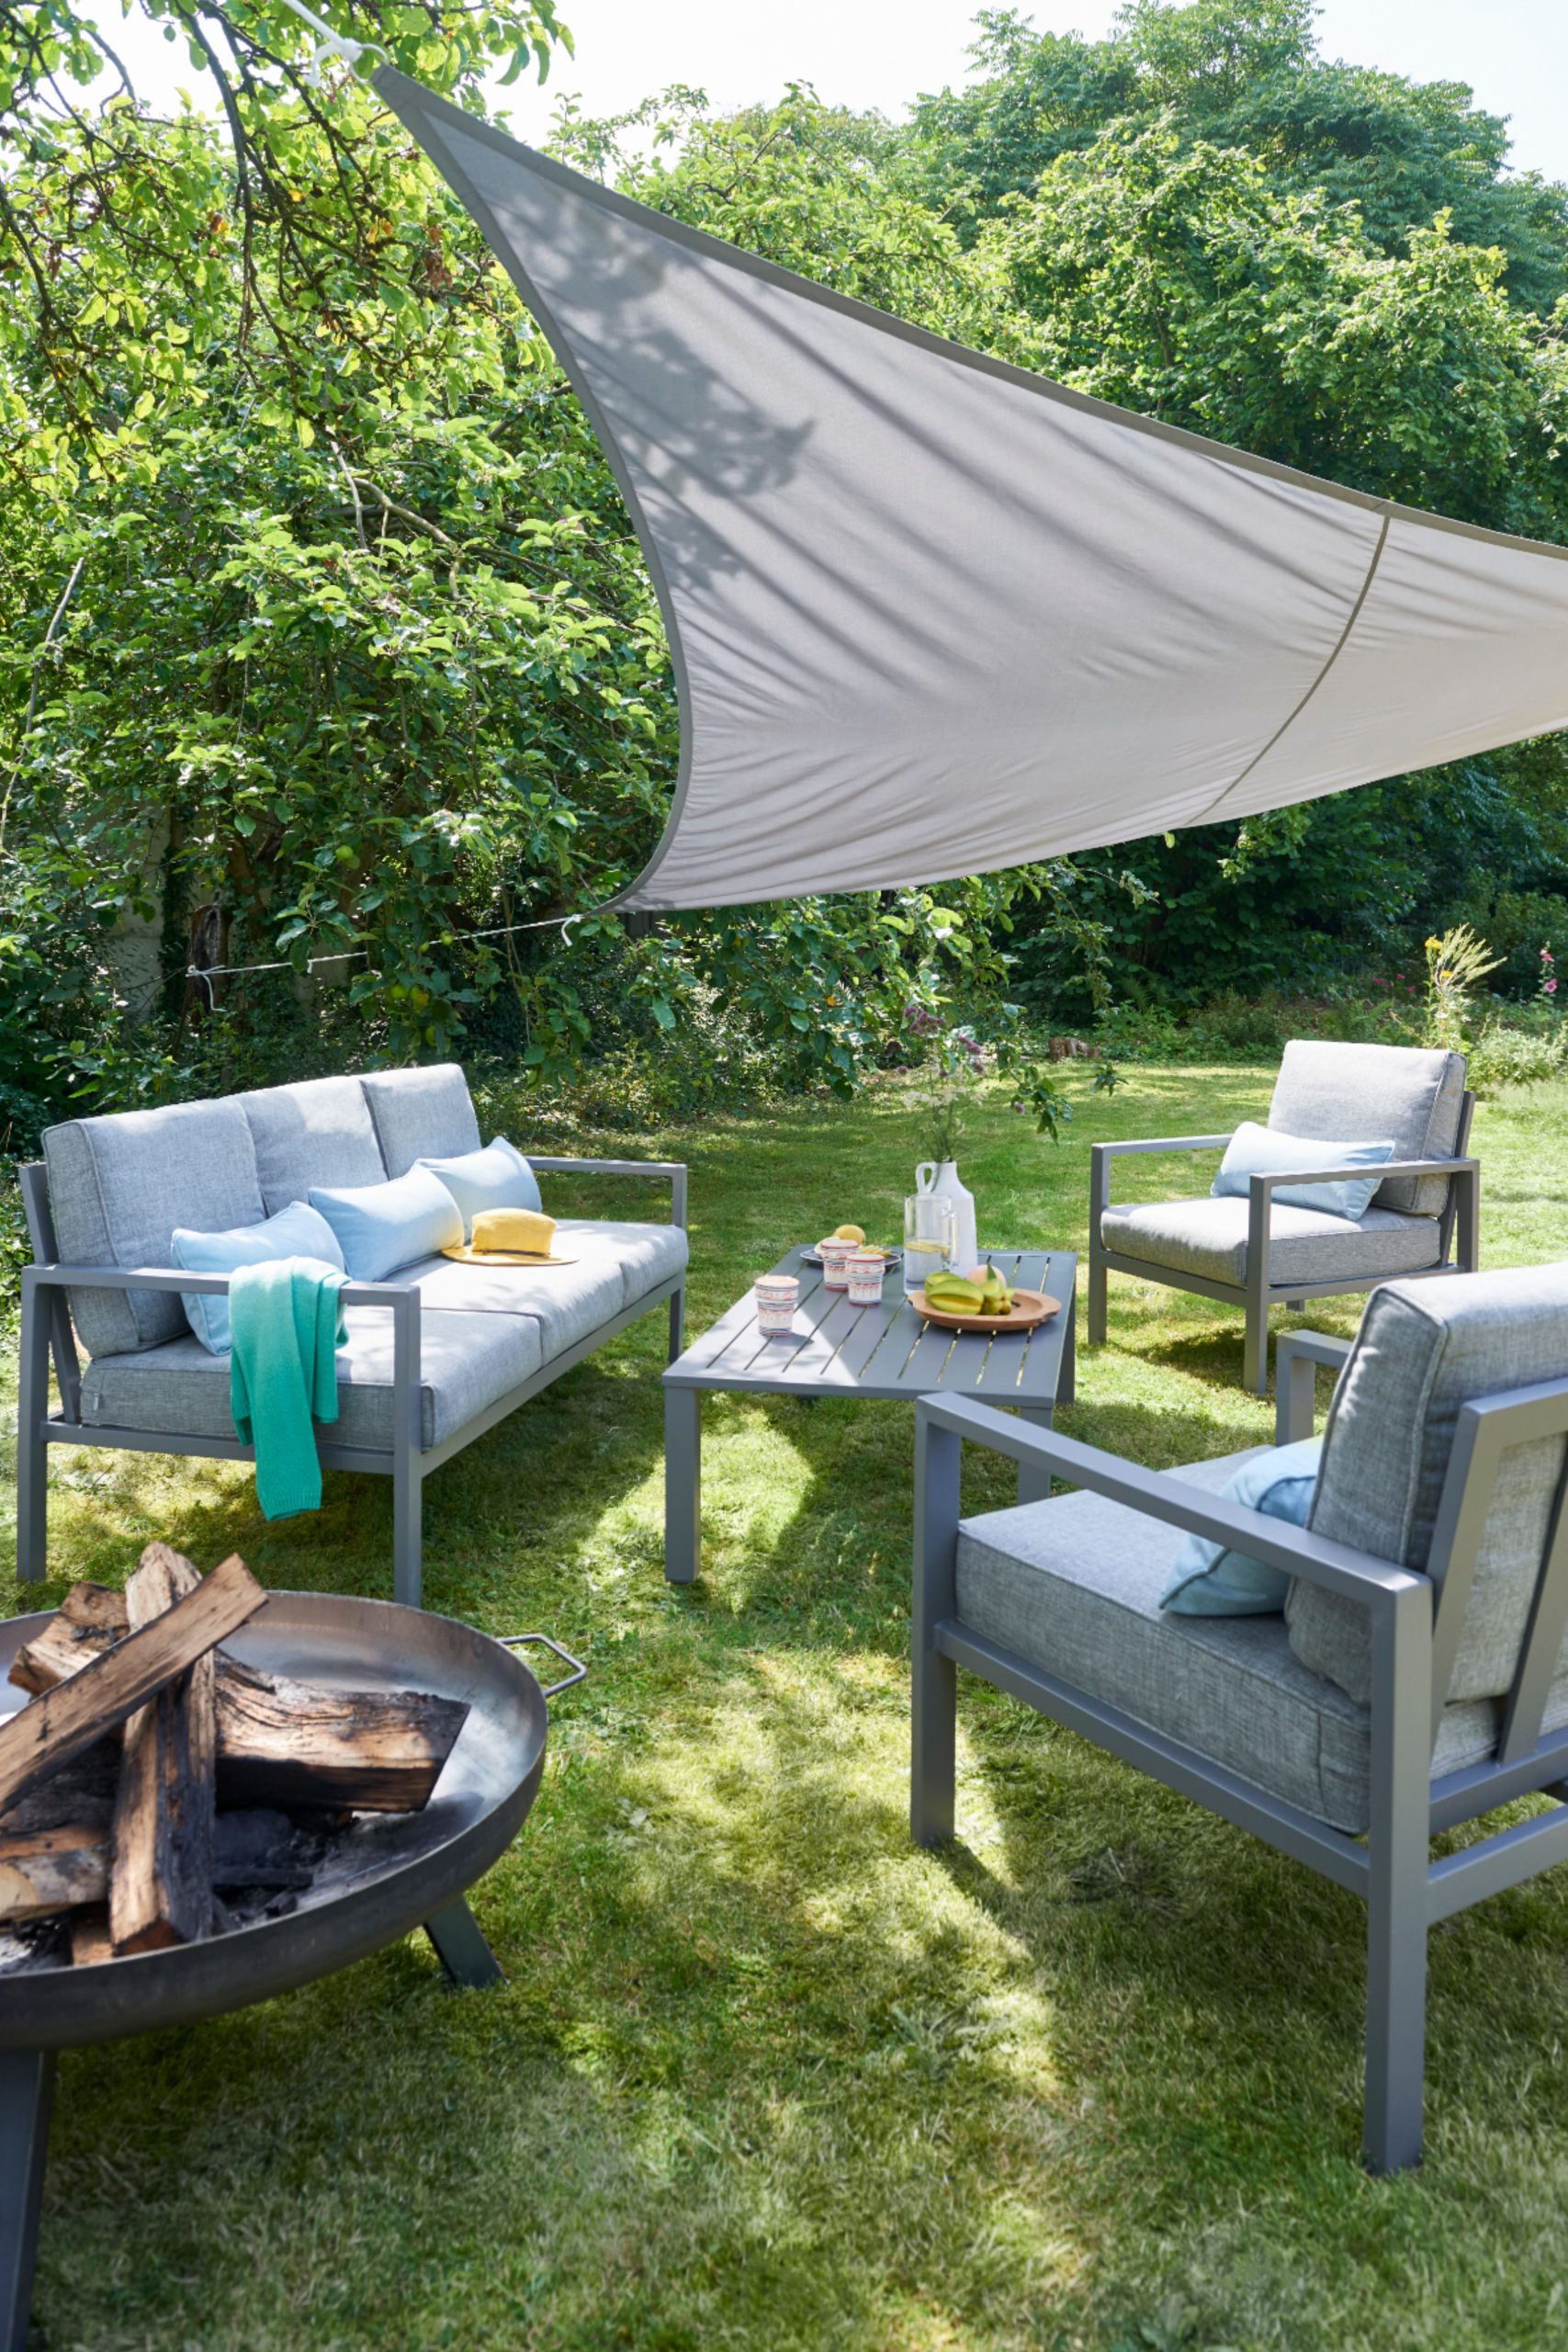 Salon Bas De Jardin Blooma Nymark Aluminium Gris 5 Personnes destiné Balancelle De Jardin Castorama